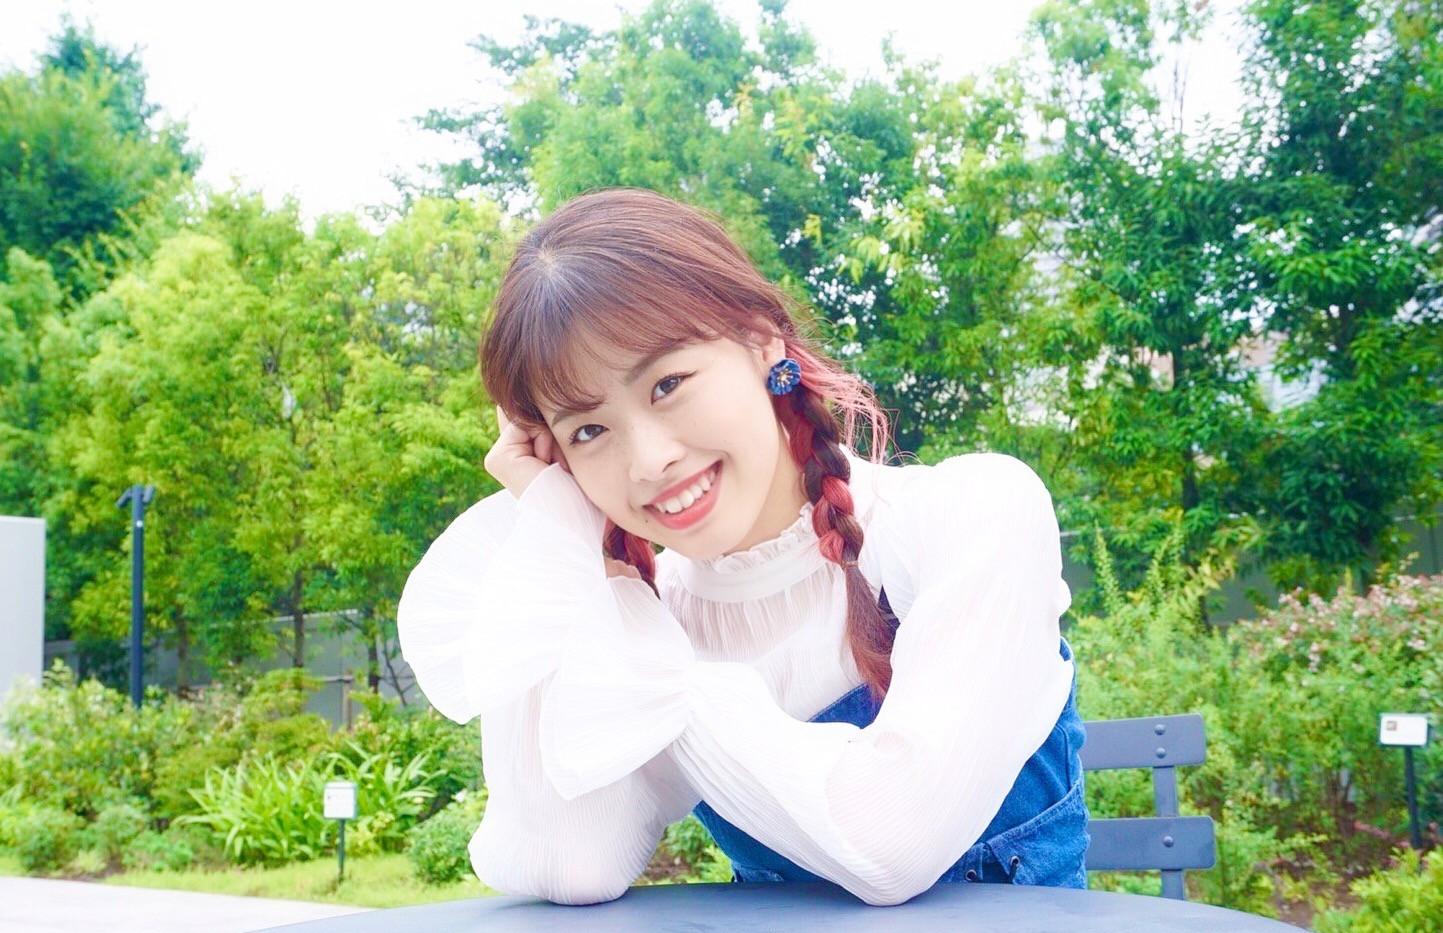 beauty_1594732631548.JPG